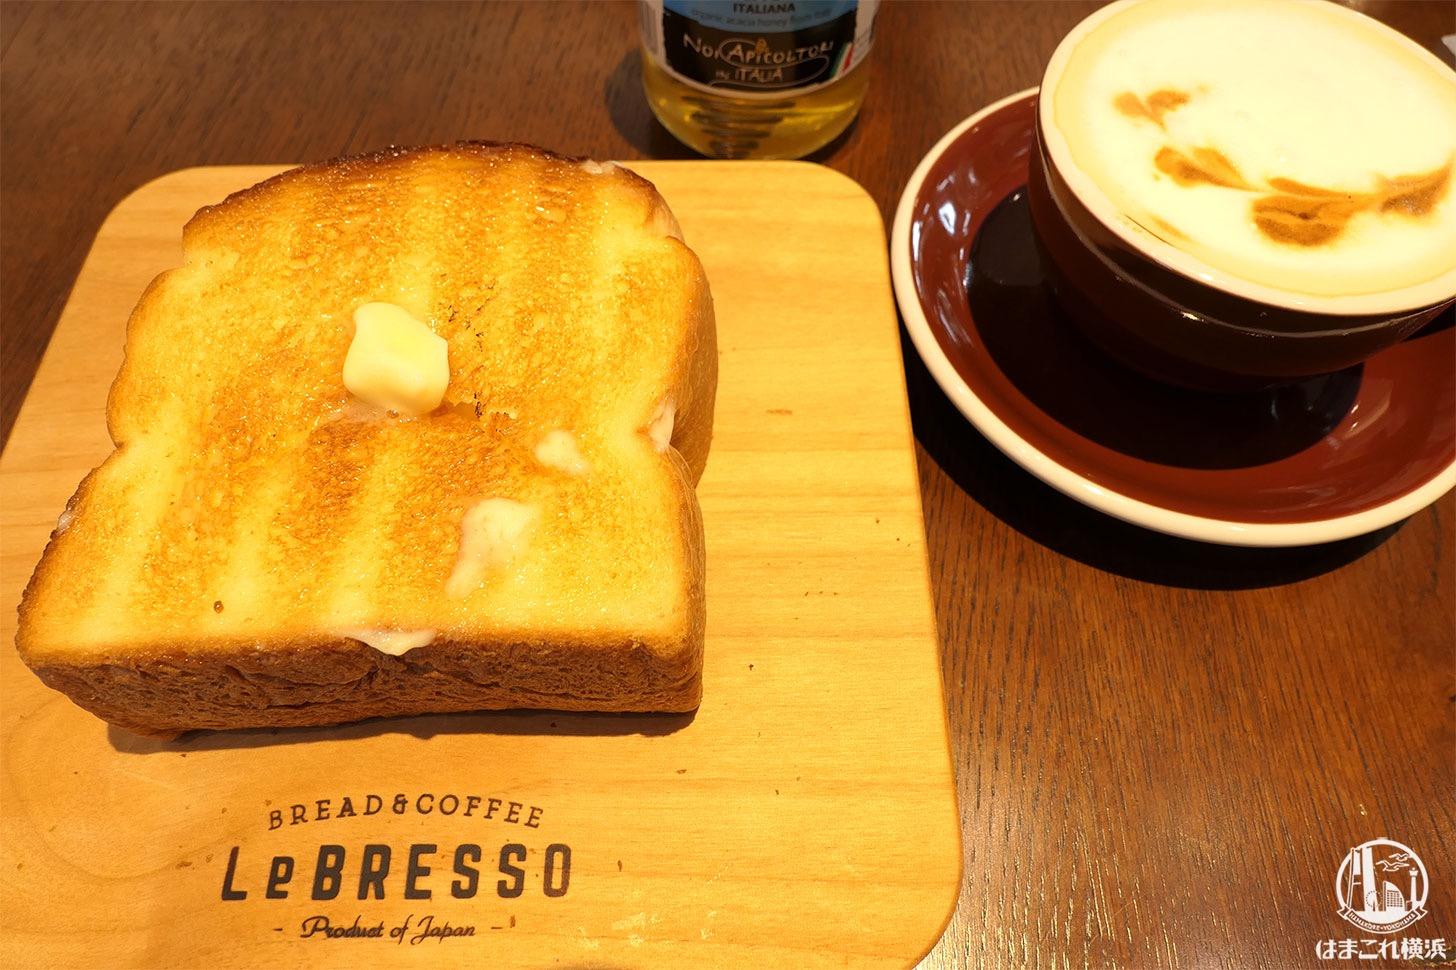 レブレッソ 横浜元町店 厚切りトーストとカフェラテ